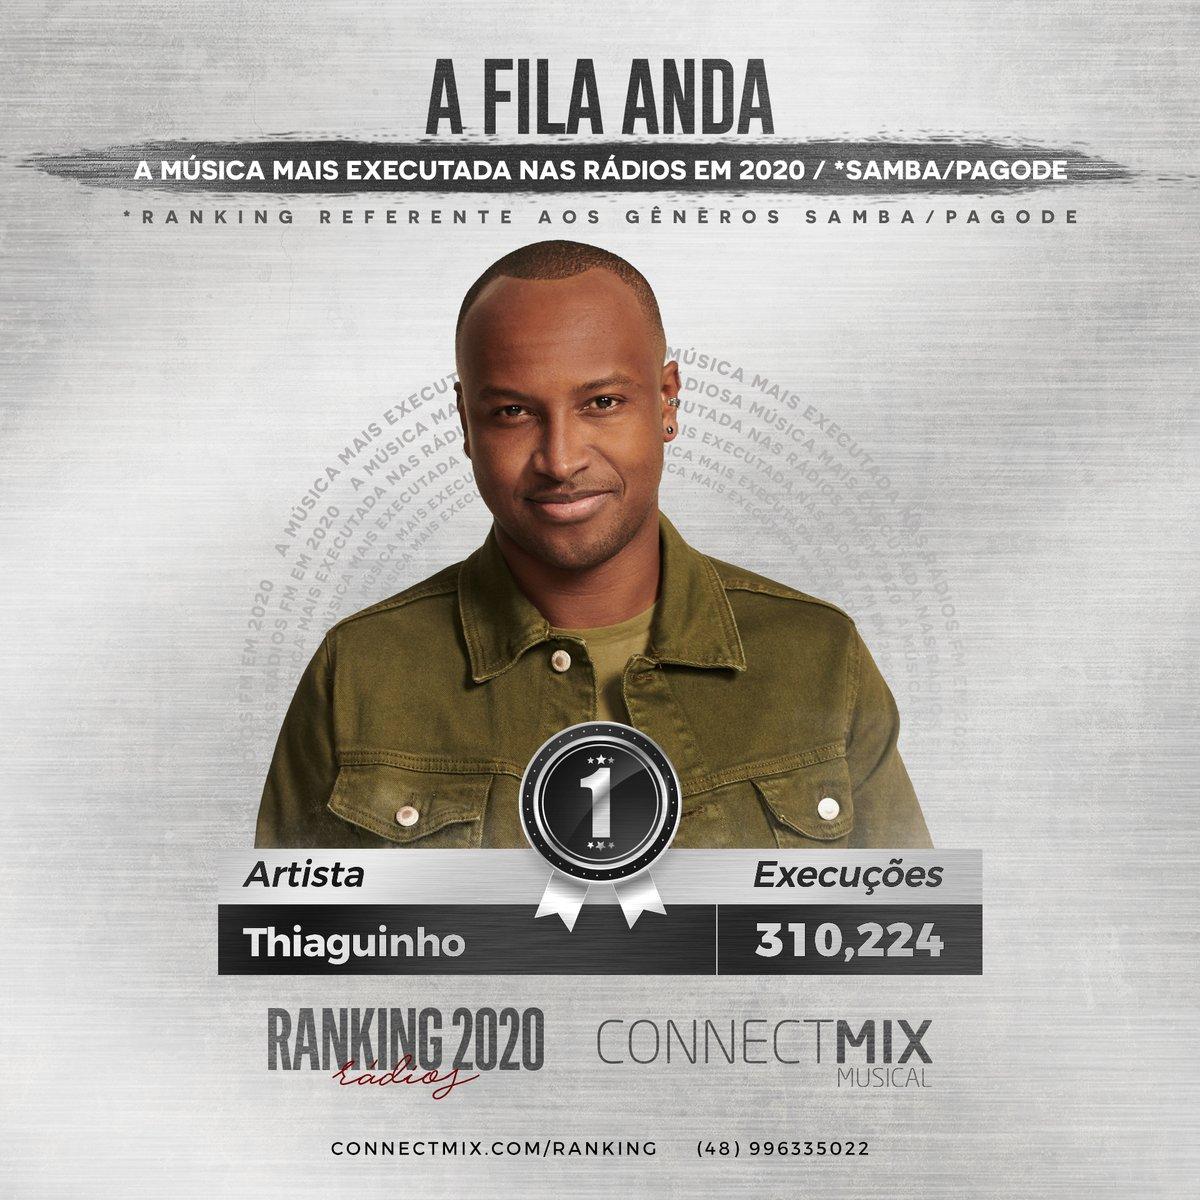 E a música mais tocada no gênero samba/pagode em 2020 foi... A Fila Anda!  A  música contagiante do pagodeiro Thiaguinho tocou mais de 300 mil vezes nas rádios nos 12 meses de 2020. E aí, gosta de #afilaanda?  #connectmix #thiaguinho #samba #pagode